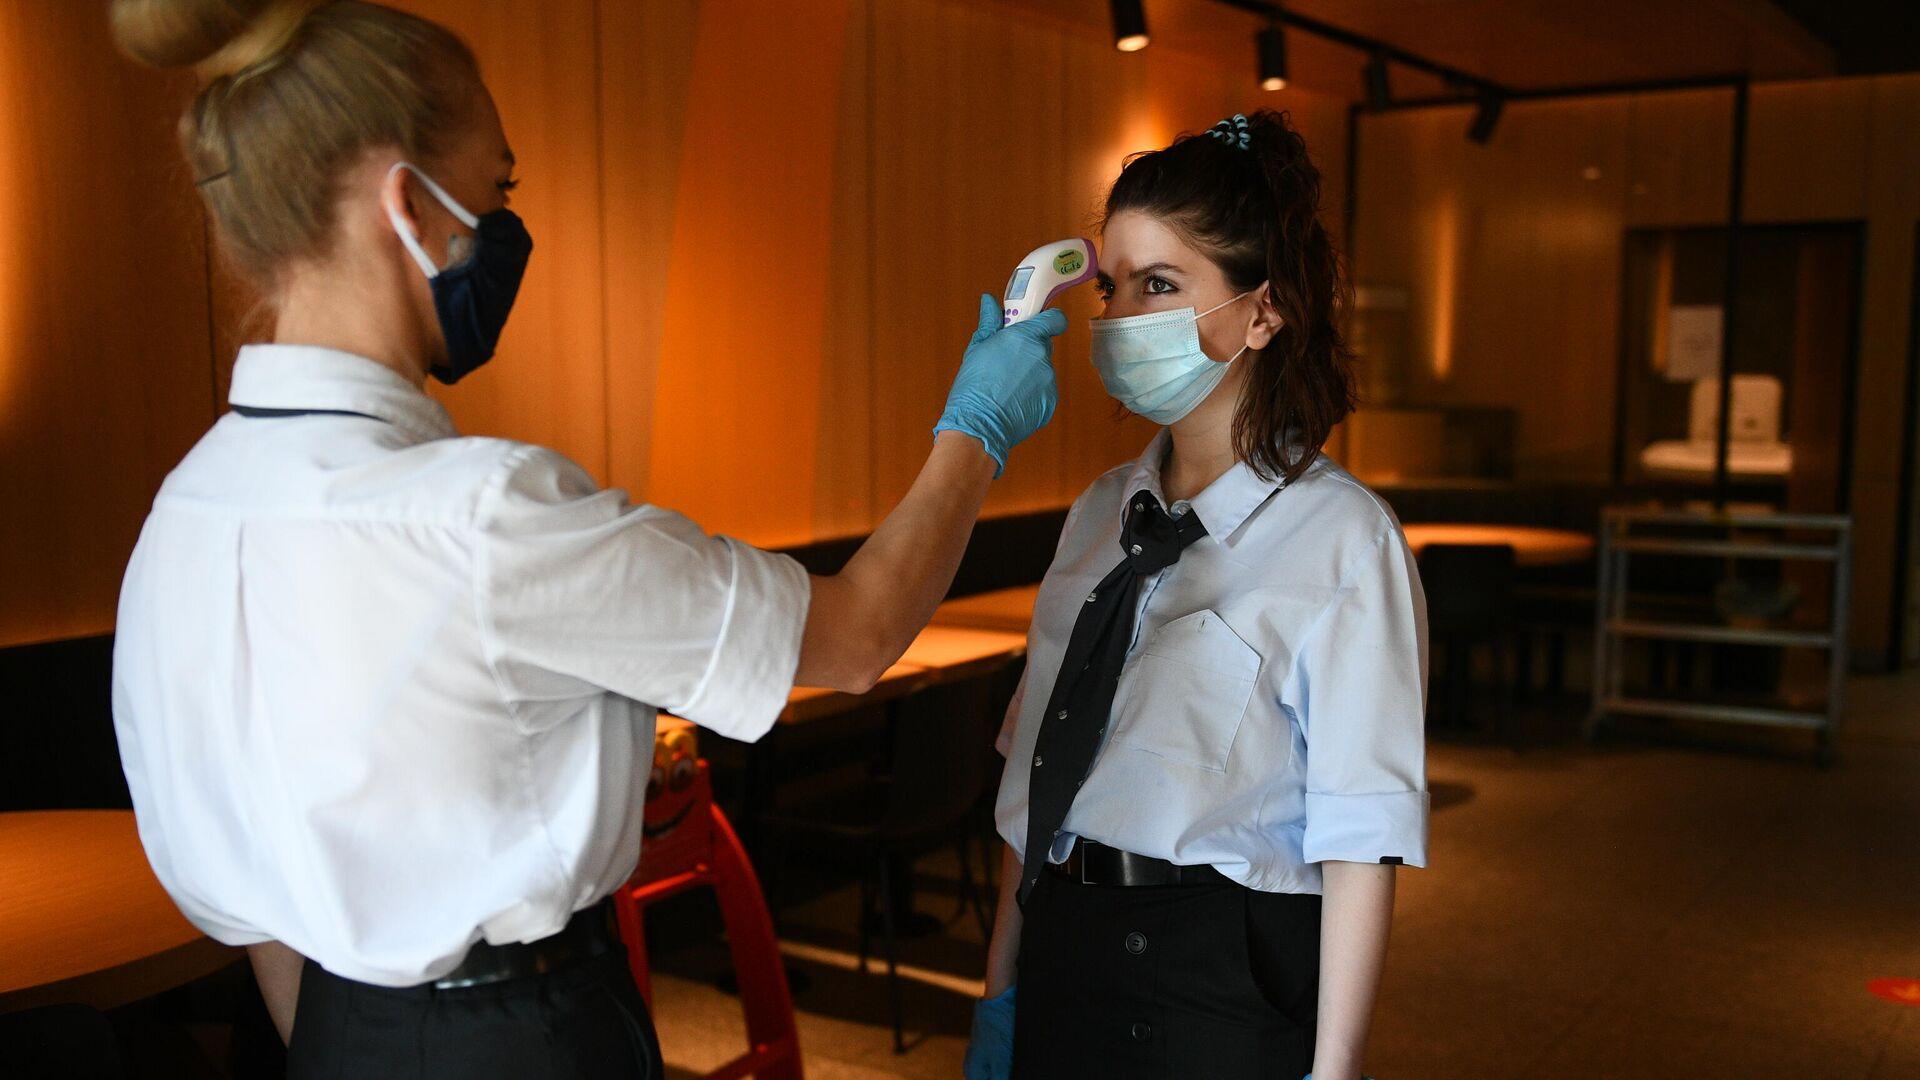 Менеджер ресторана Макдоналдс измеряет температуру коллеге - РИА Новости, 1920, 24.06.2021